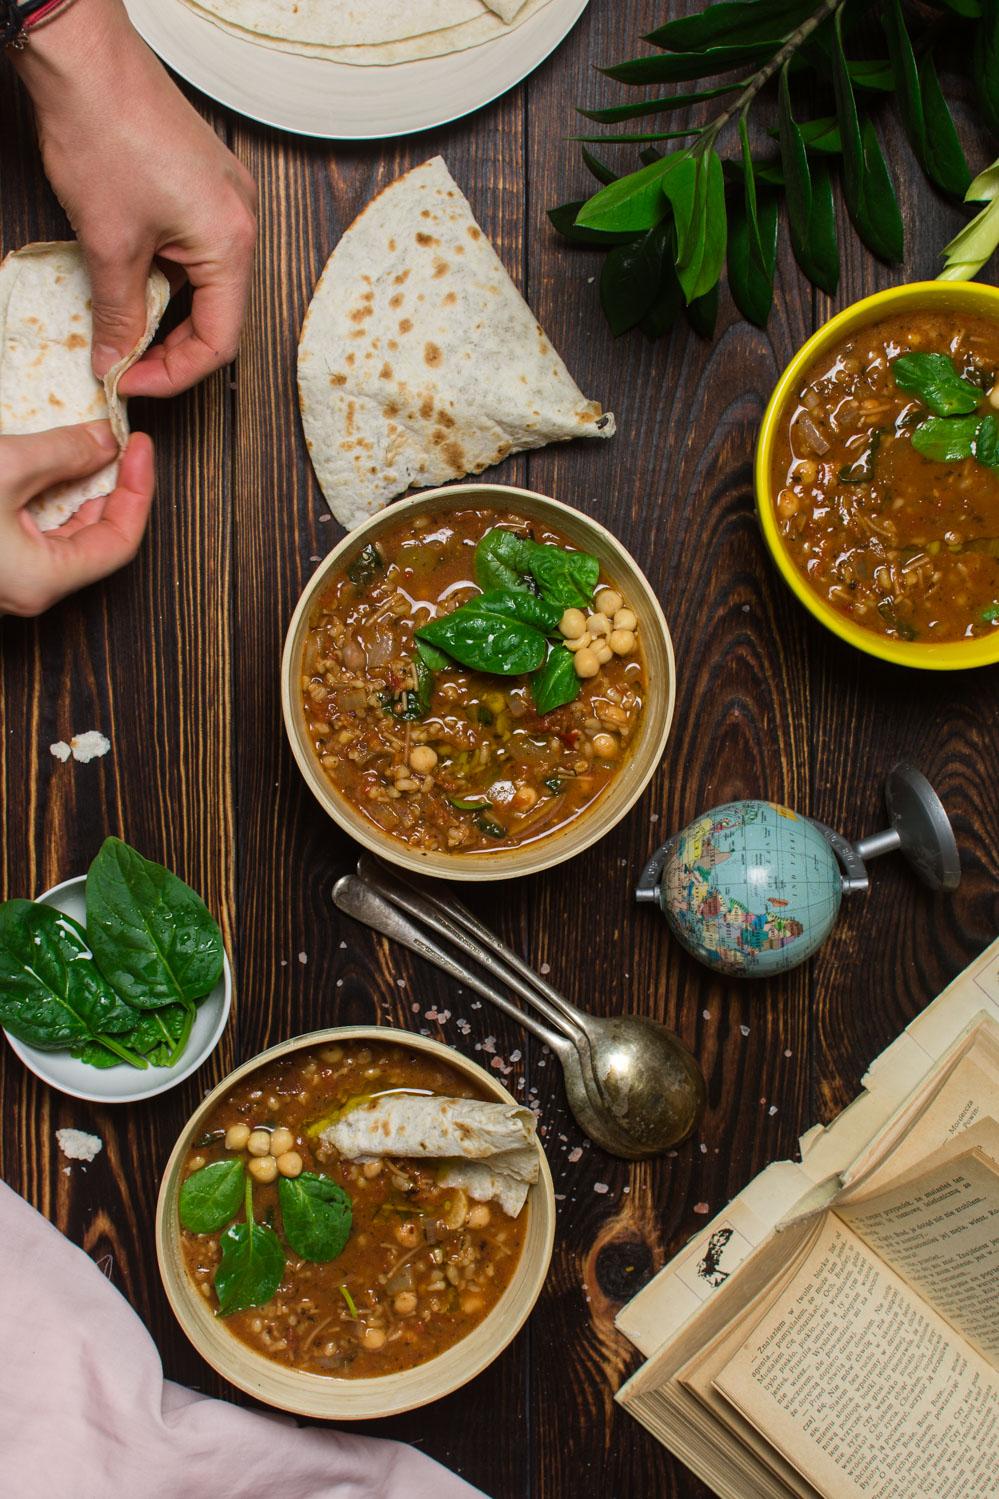 zupa z za'atarem